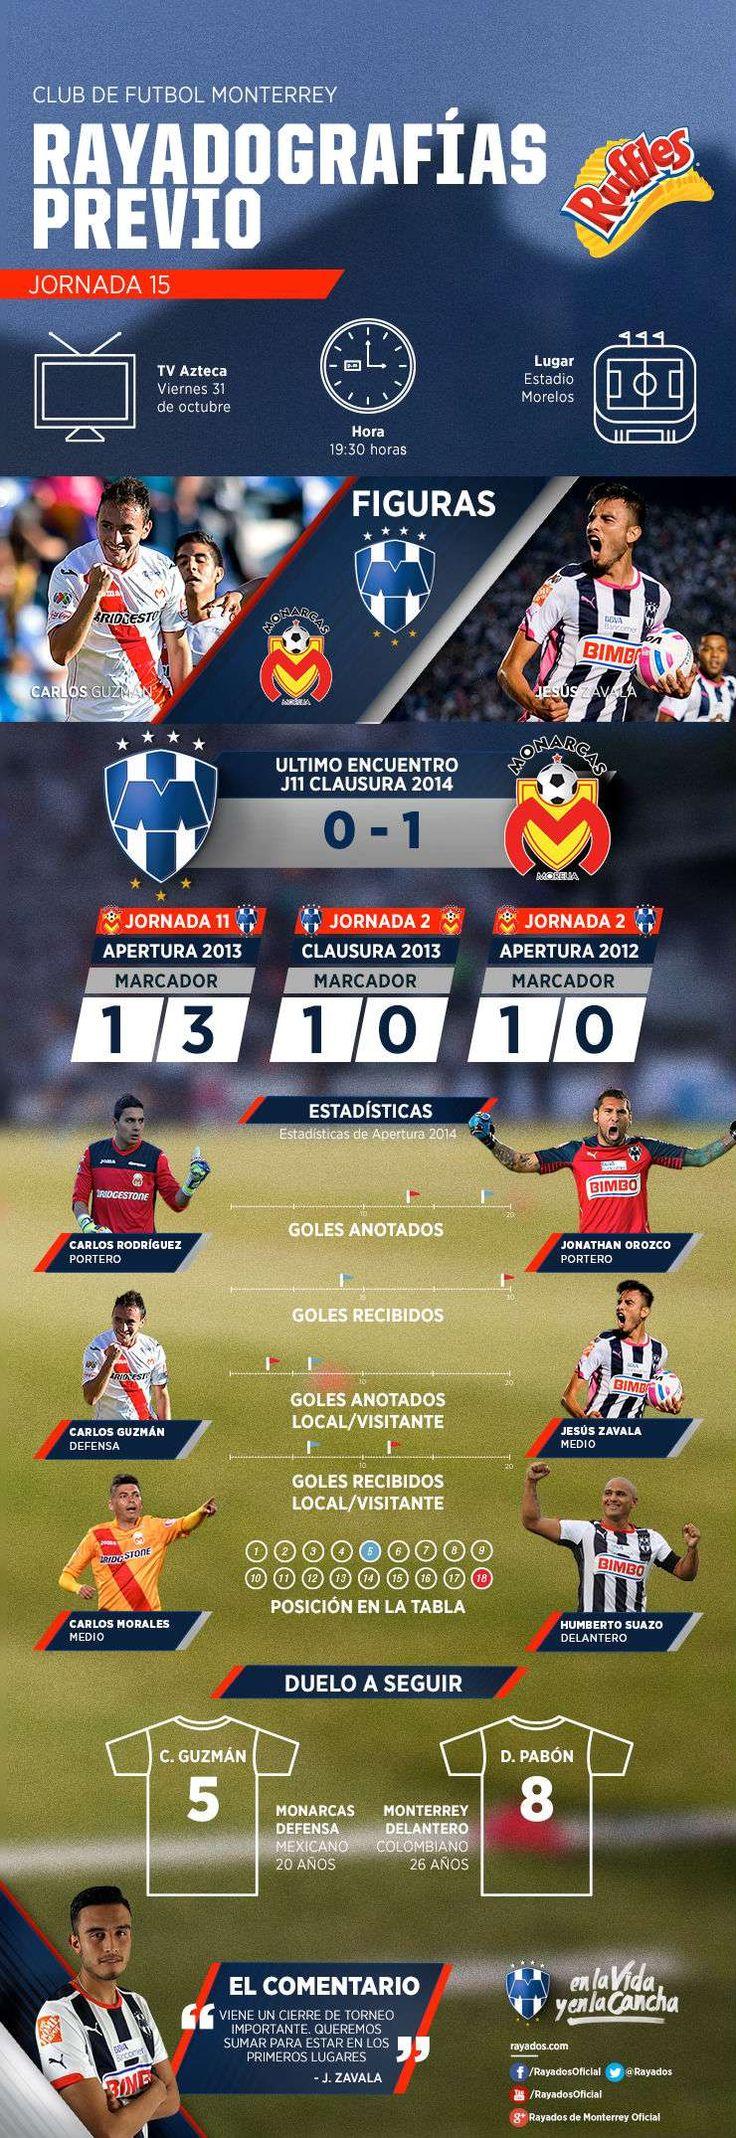 La #Rayadografía del partido de hoy Monarcas Morelia vs. Club de Futbol Monterrey es presentada por Ruffles MX.  Para más detalles y ver la imagen de un mejor tamaño da clic aquí: http://www.rayados.com/primer-equipo/rayadografia-morelia-vs-rayados-por-ruffles,a7724143d7719410VgnVCM3000009af154d0RCRD.html